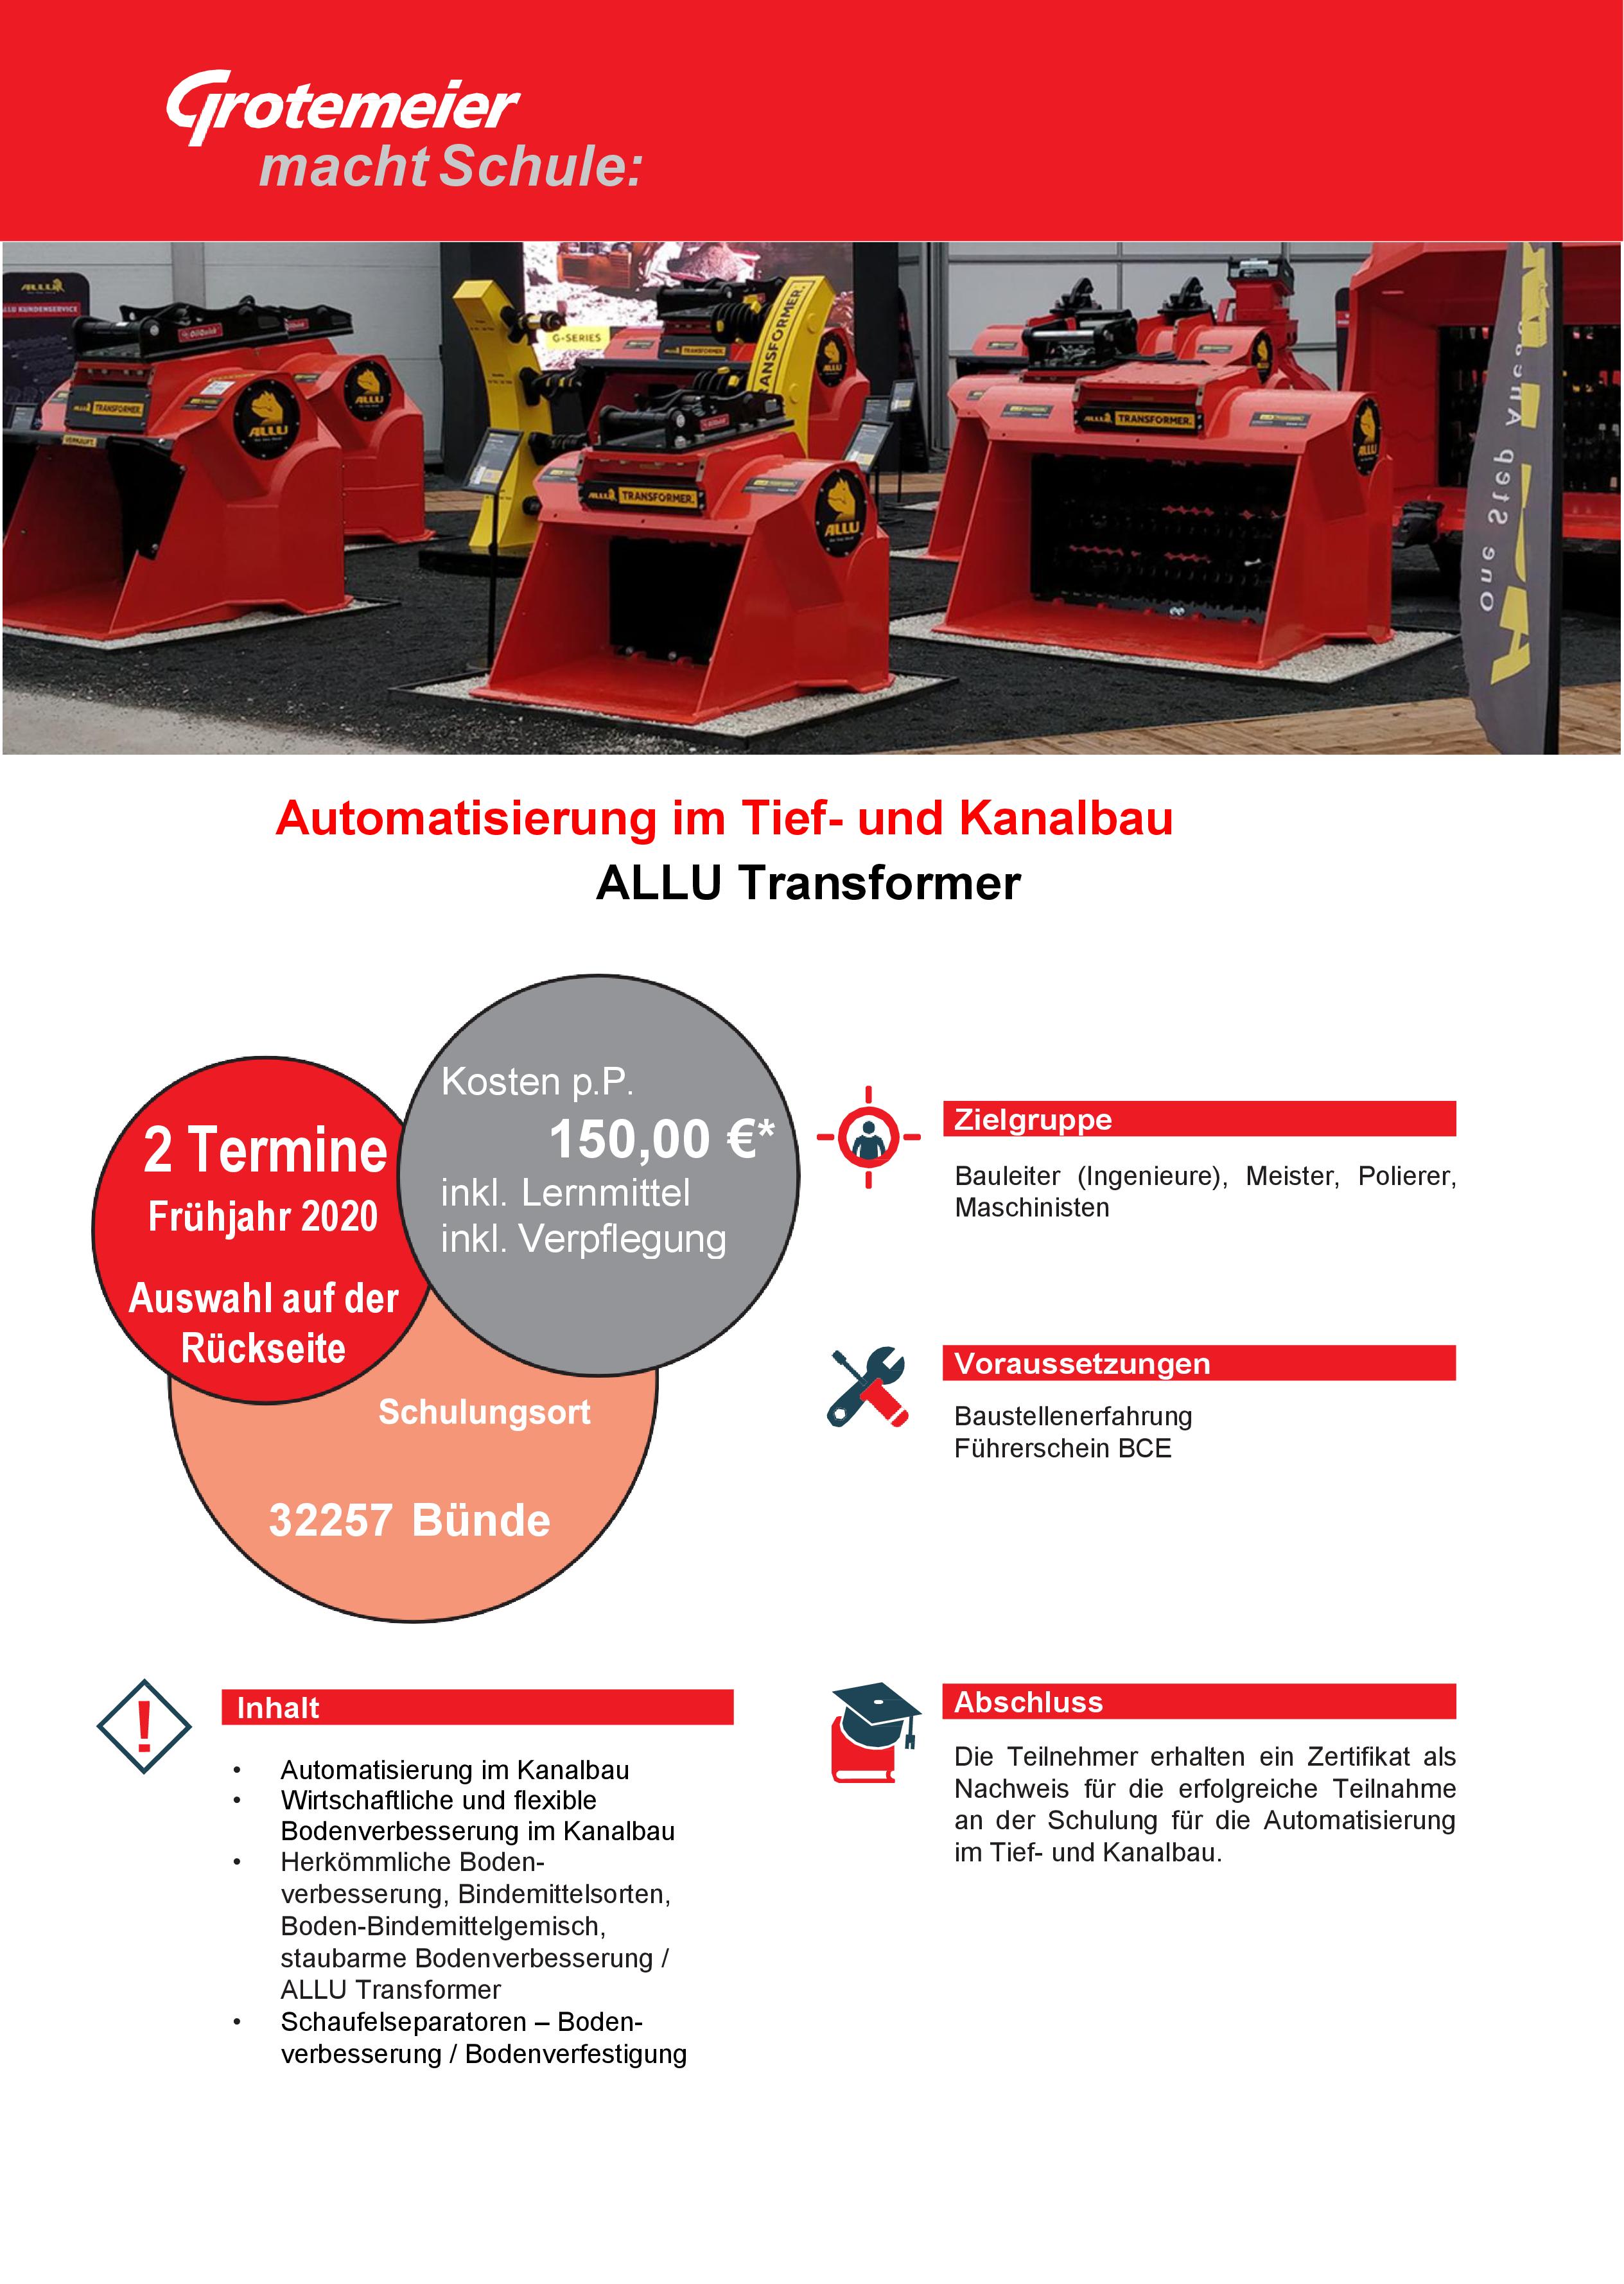 grotemeier_macht_schule_automatisierung_im_tief__und_kanalbau-001